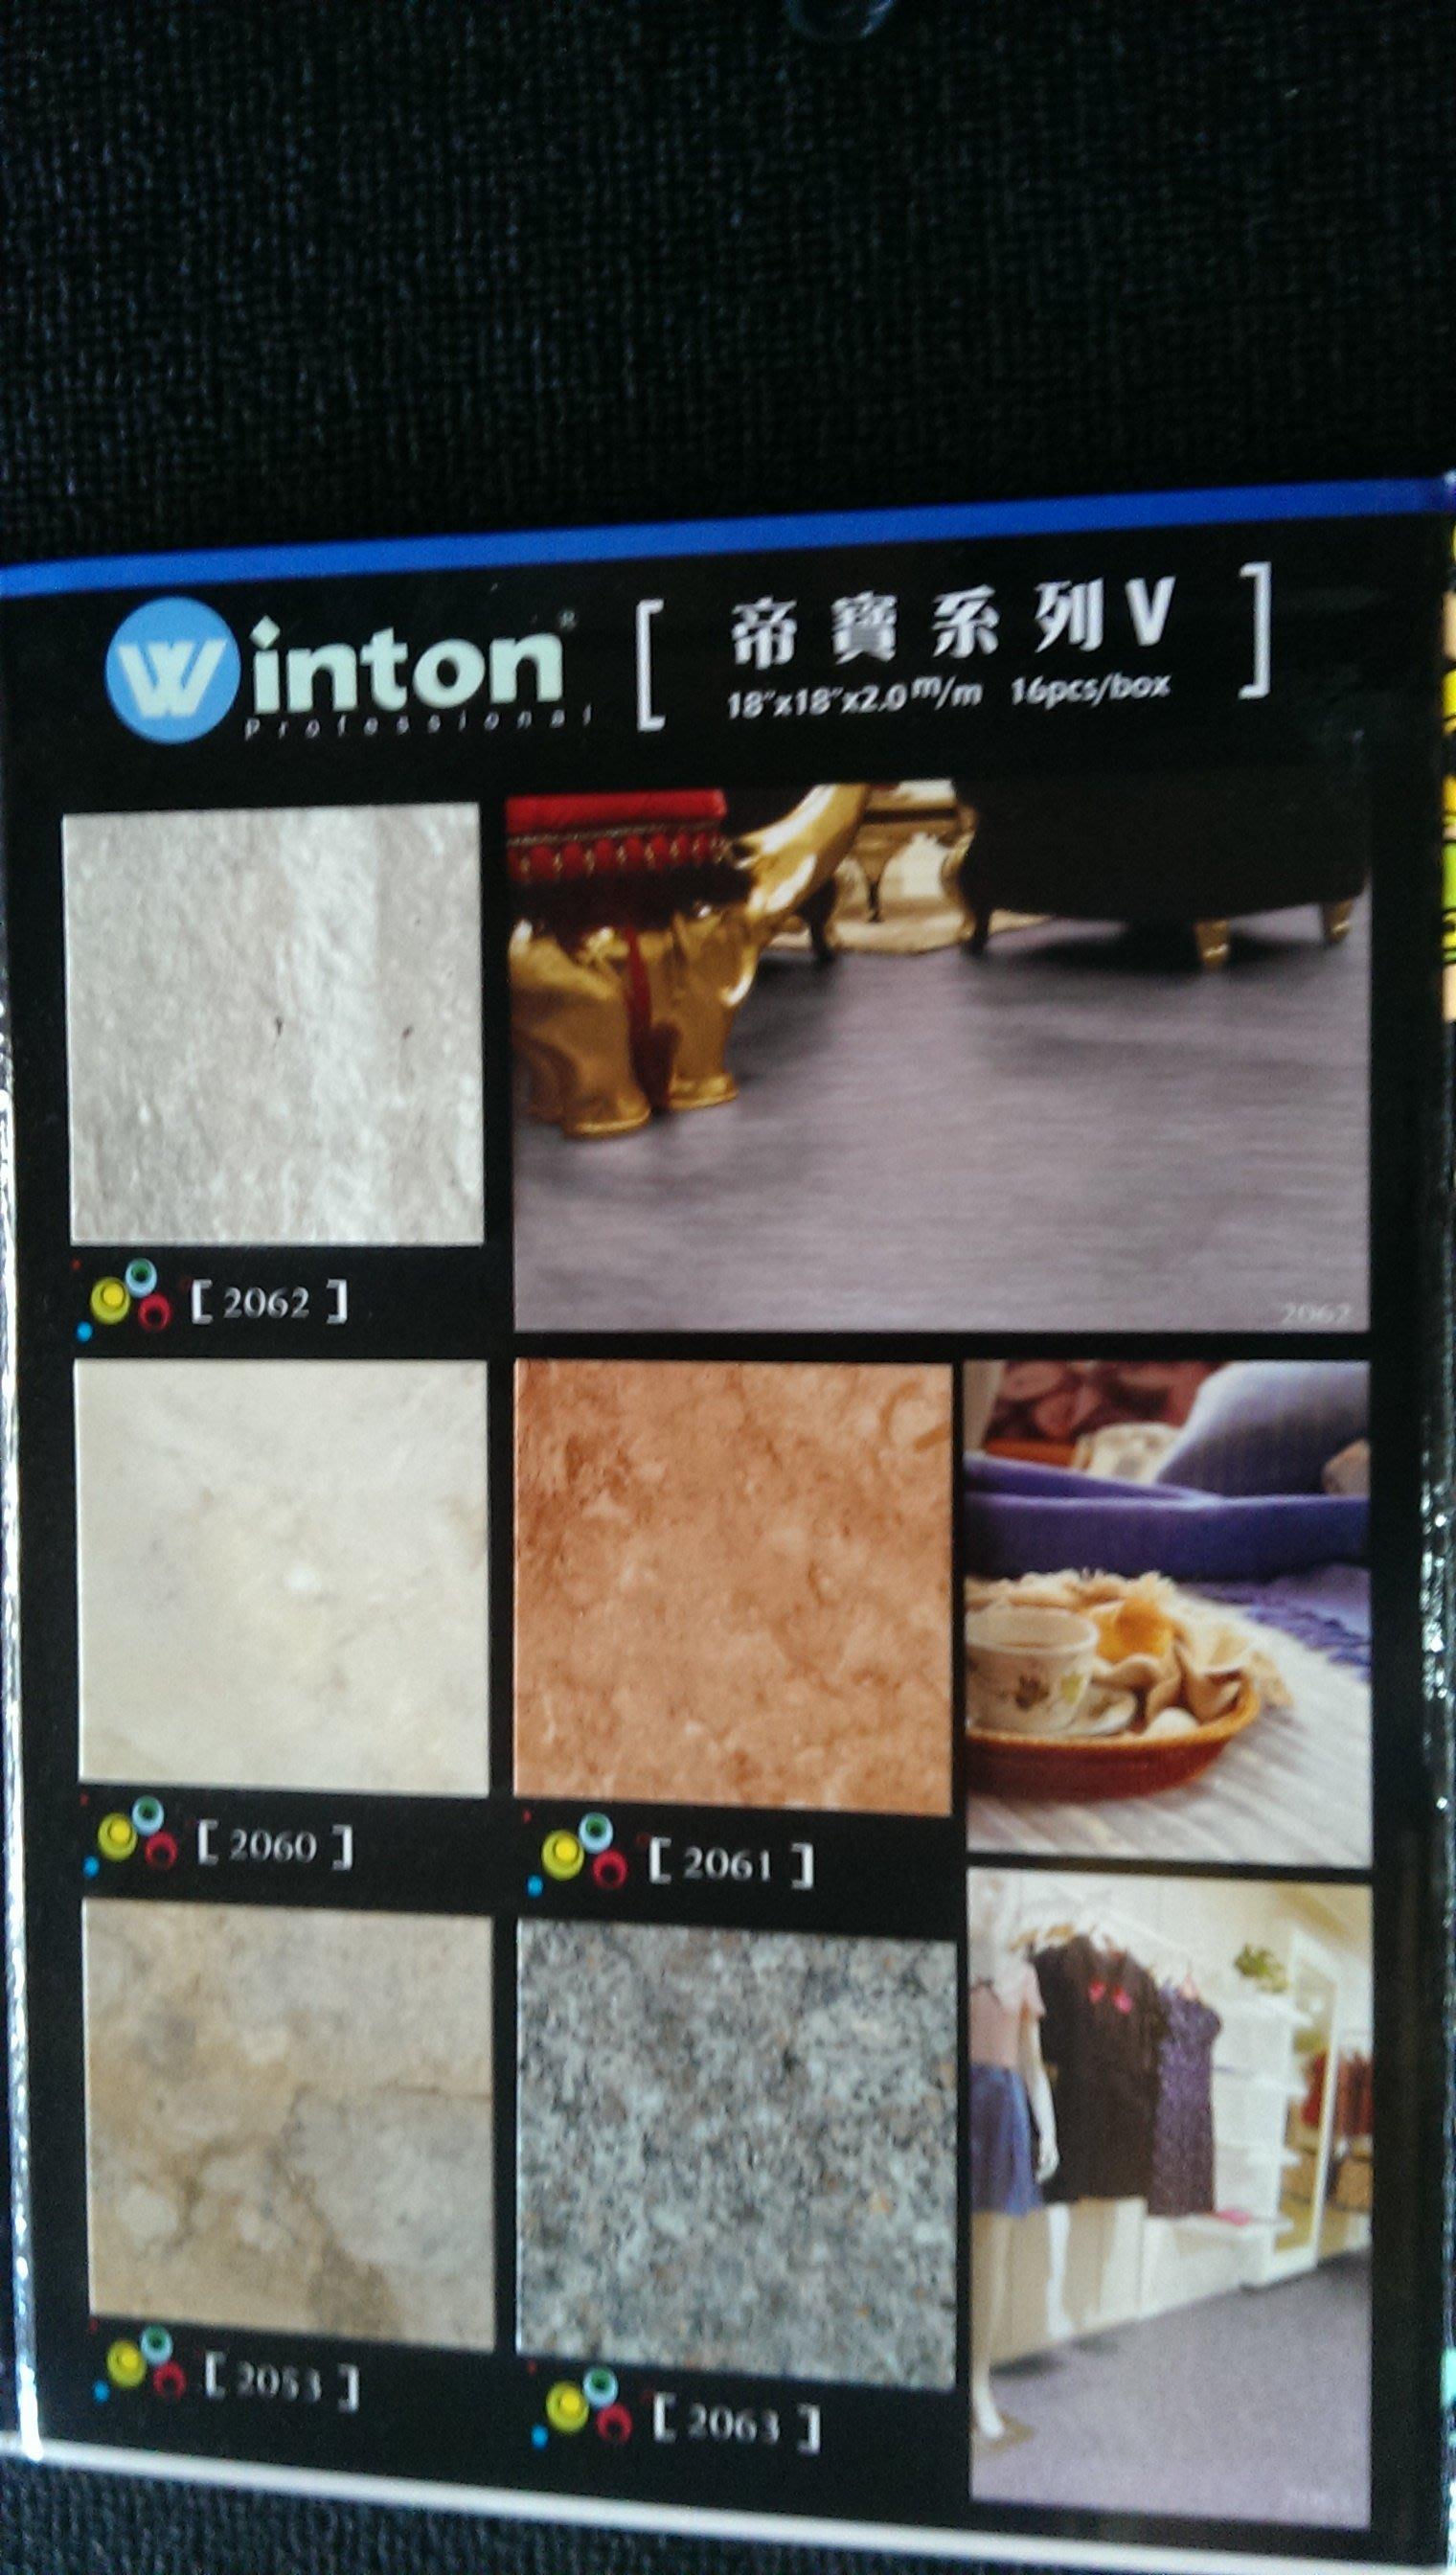 亞毅 塑膠地板 木紋色 大理石紋 黑色 塑膠地磚 免費估價 免費丈量 自工便宜 超耐磨地板 小工程可